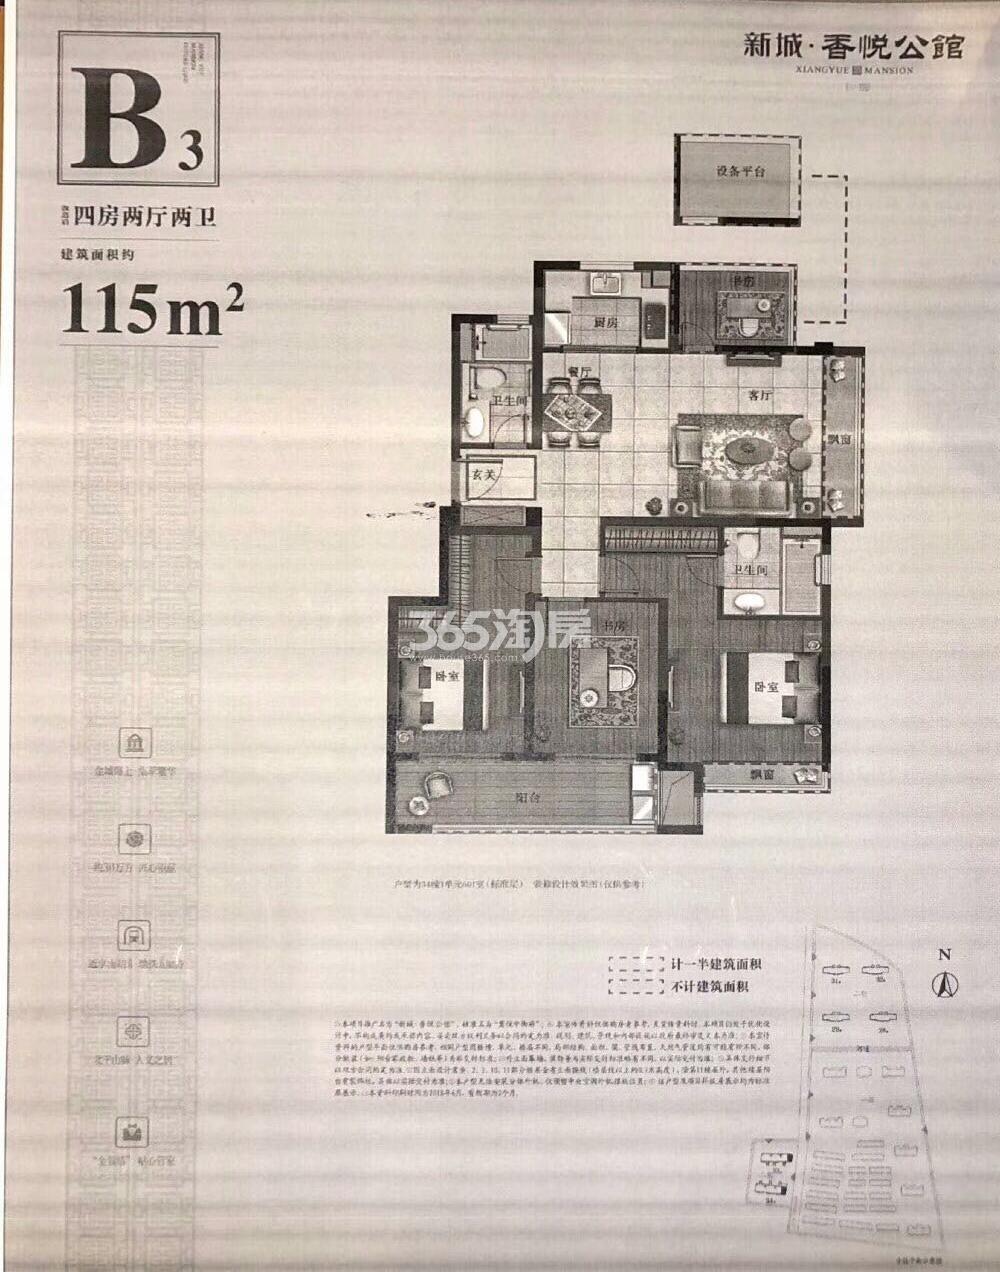 新城香悦公馆B3户型115方(小高层34、33#)